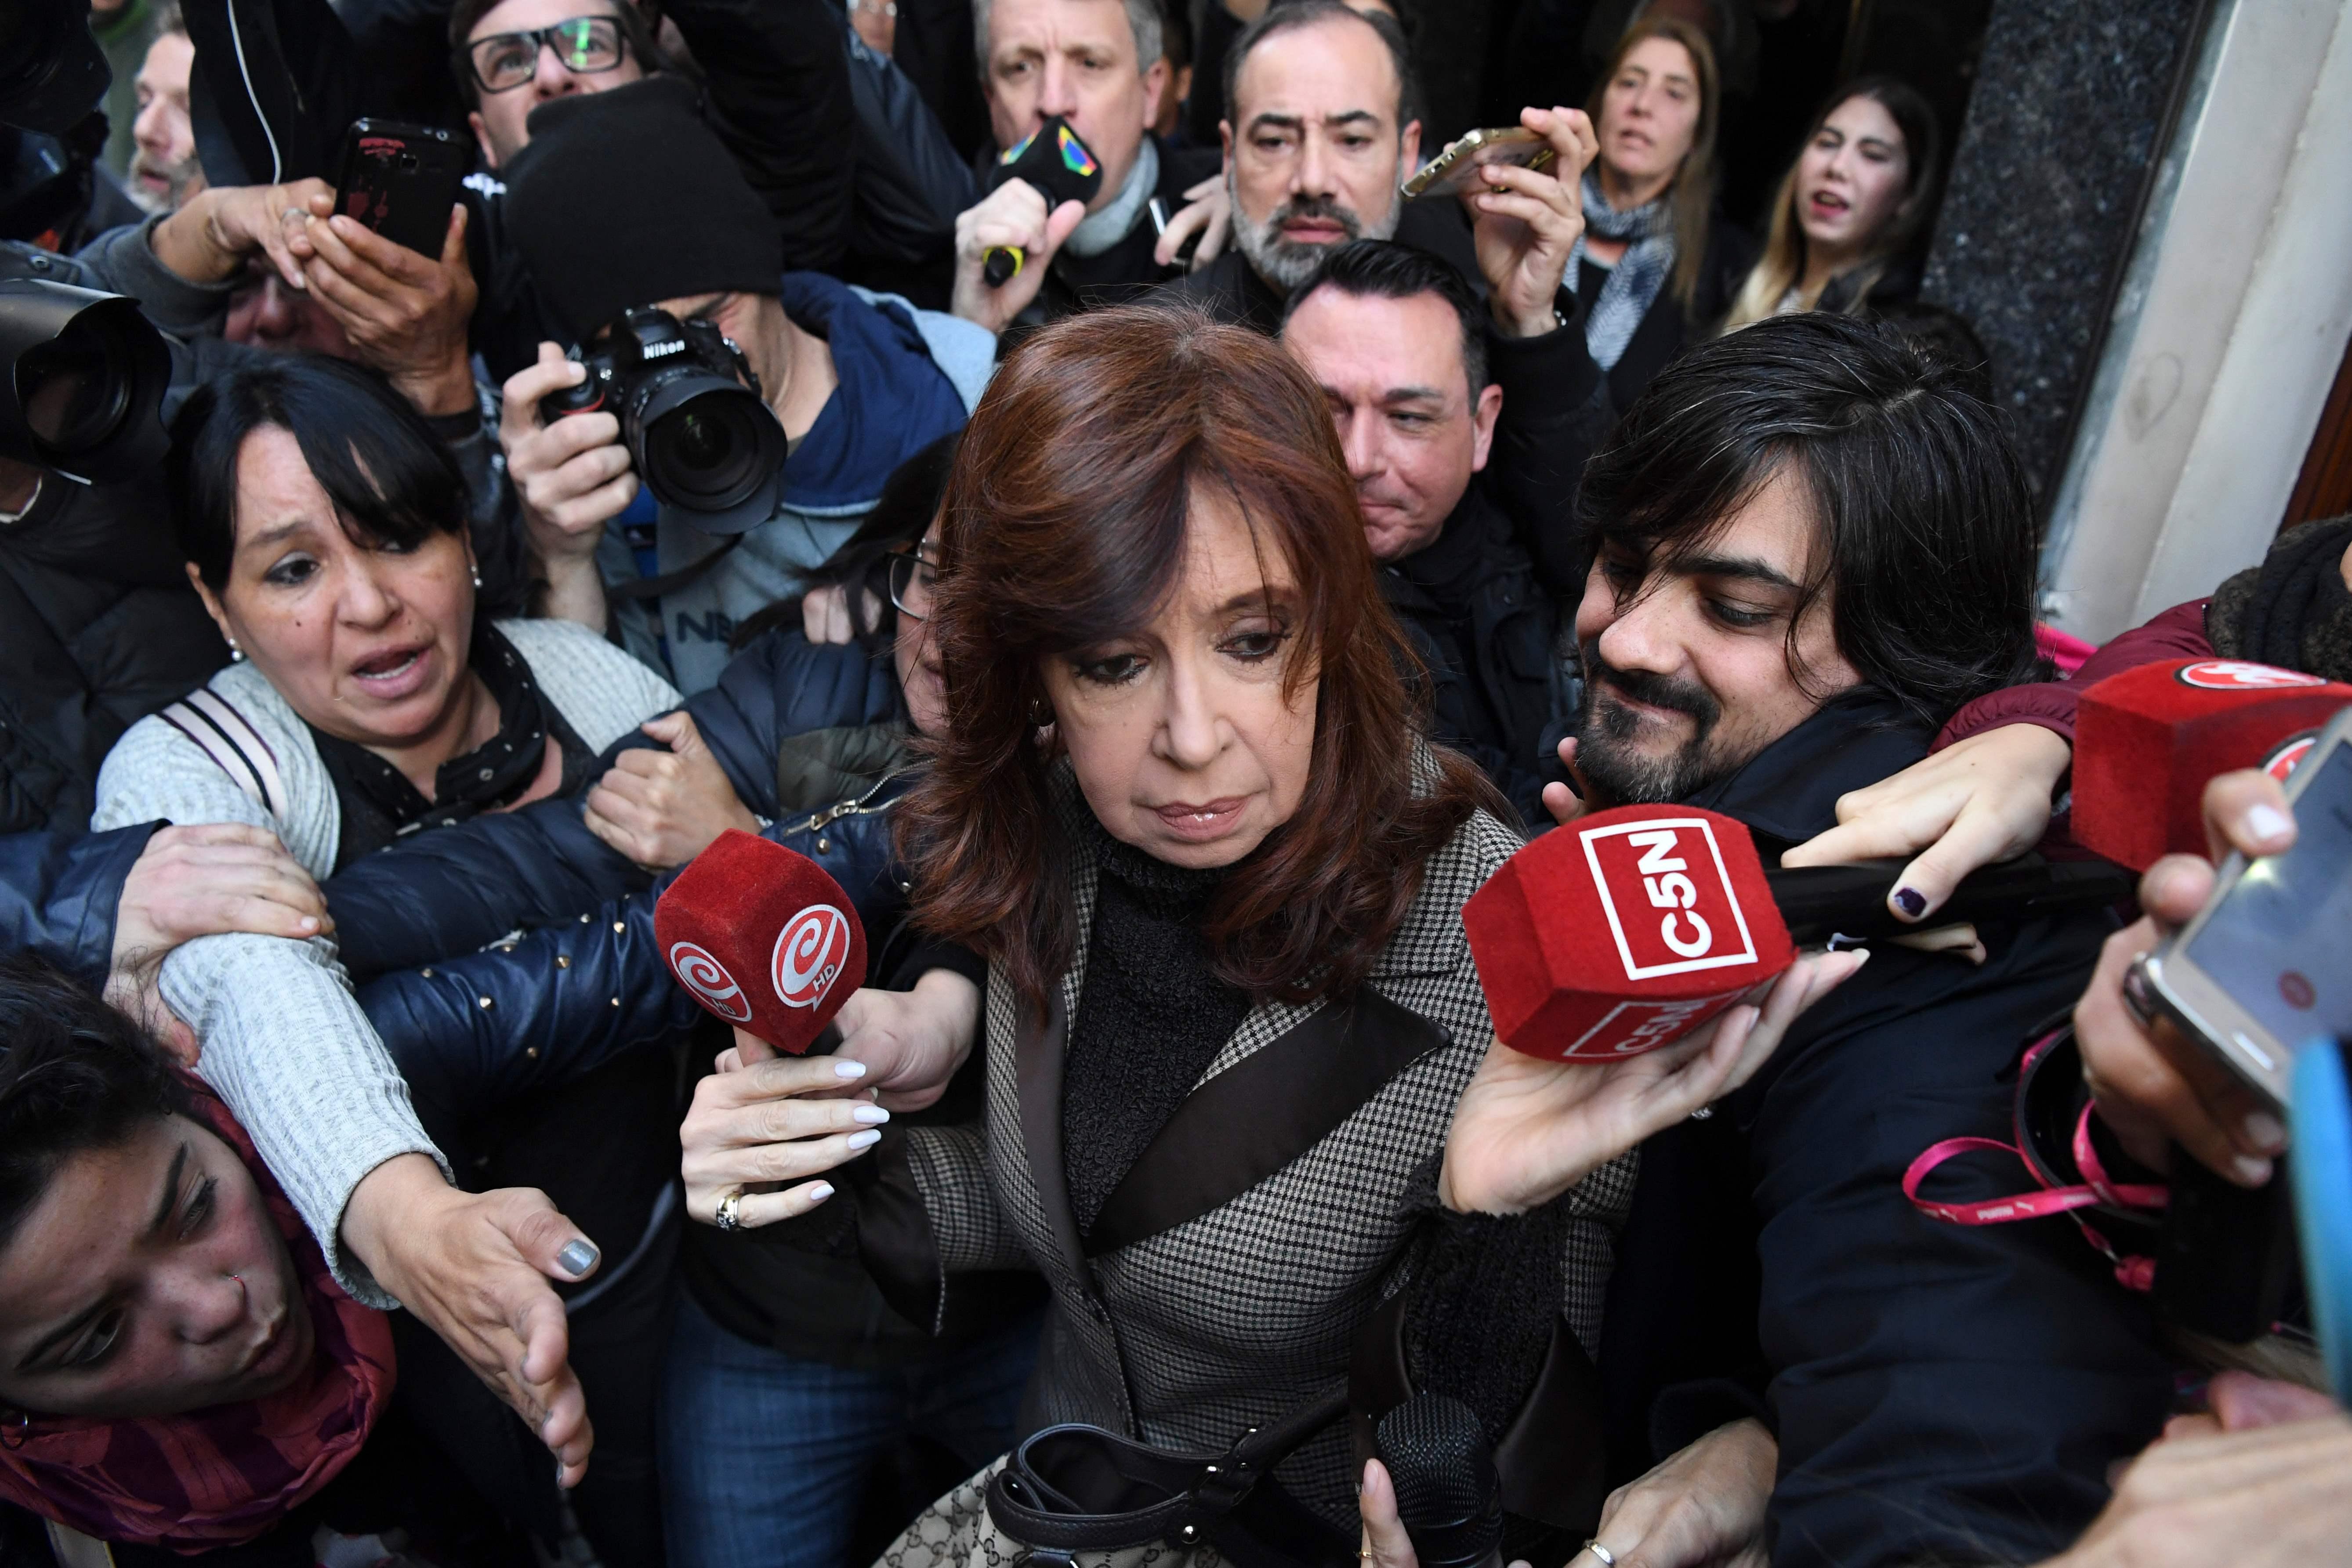 وسائل الاعلام تتهافت على رئيسة الارجنتين عقب التحقيق معها